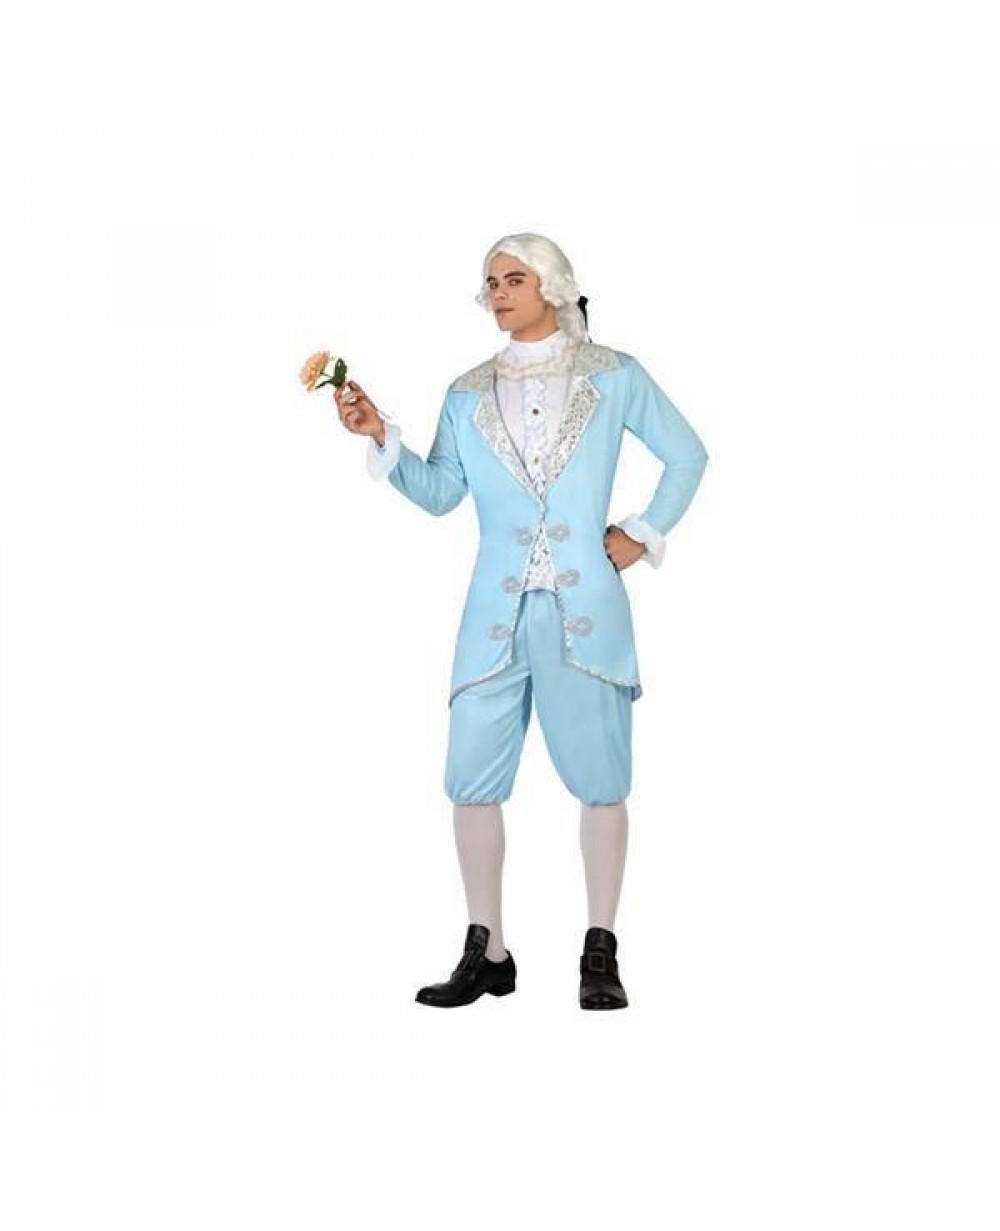 Il negozio online giochi carnevale scuola atosa 22855 costume da - Costume da bagno traduzione ...